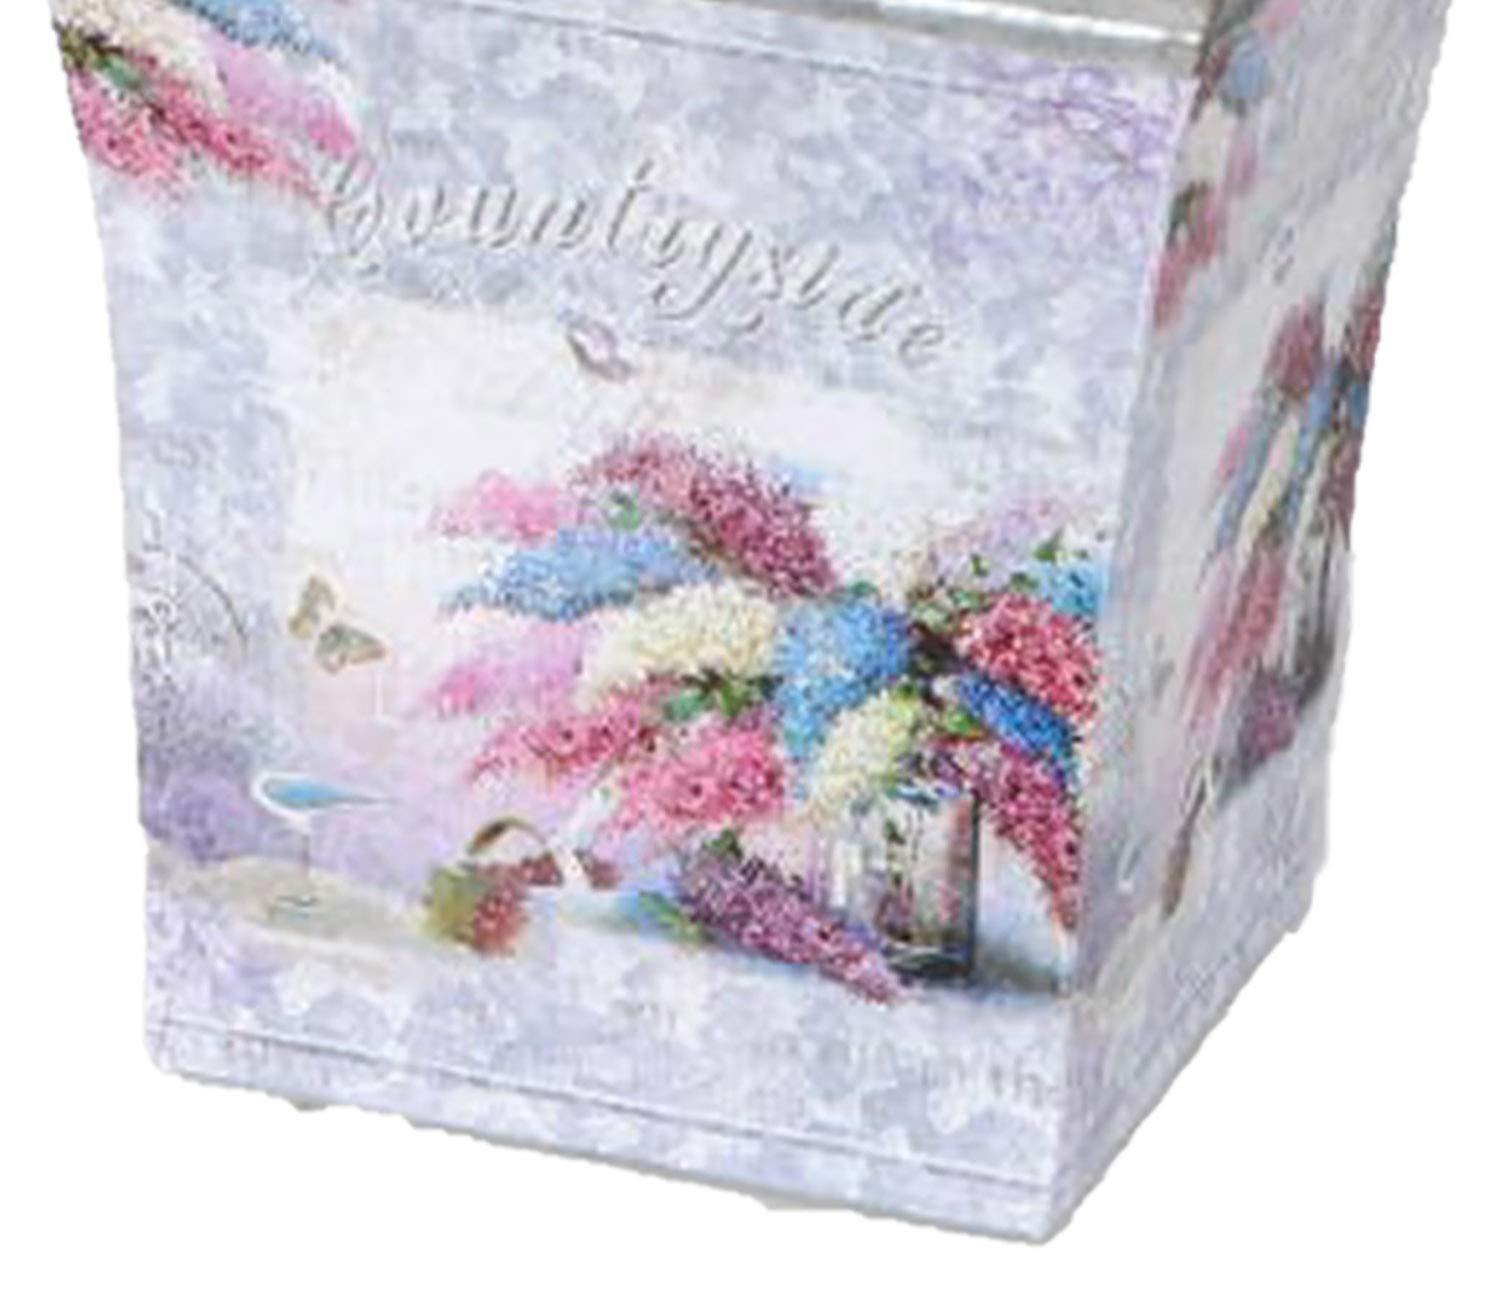 Geschenkkarte dekojohnson Blumenk/übel Pflanzgef/ä/ß Blumentopf /Übertopf Vintage Retro Countrystyle Flieder Zink 14x14cm